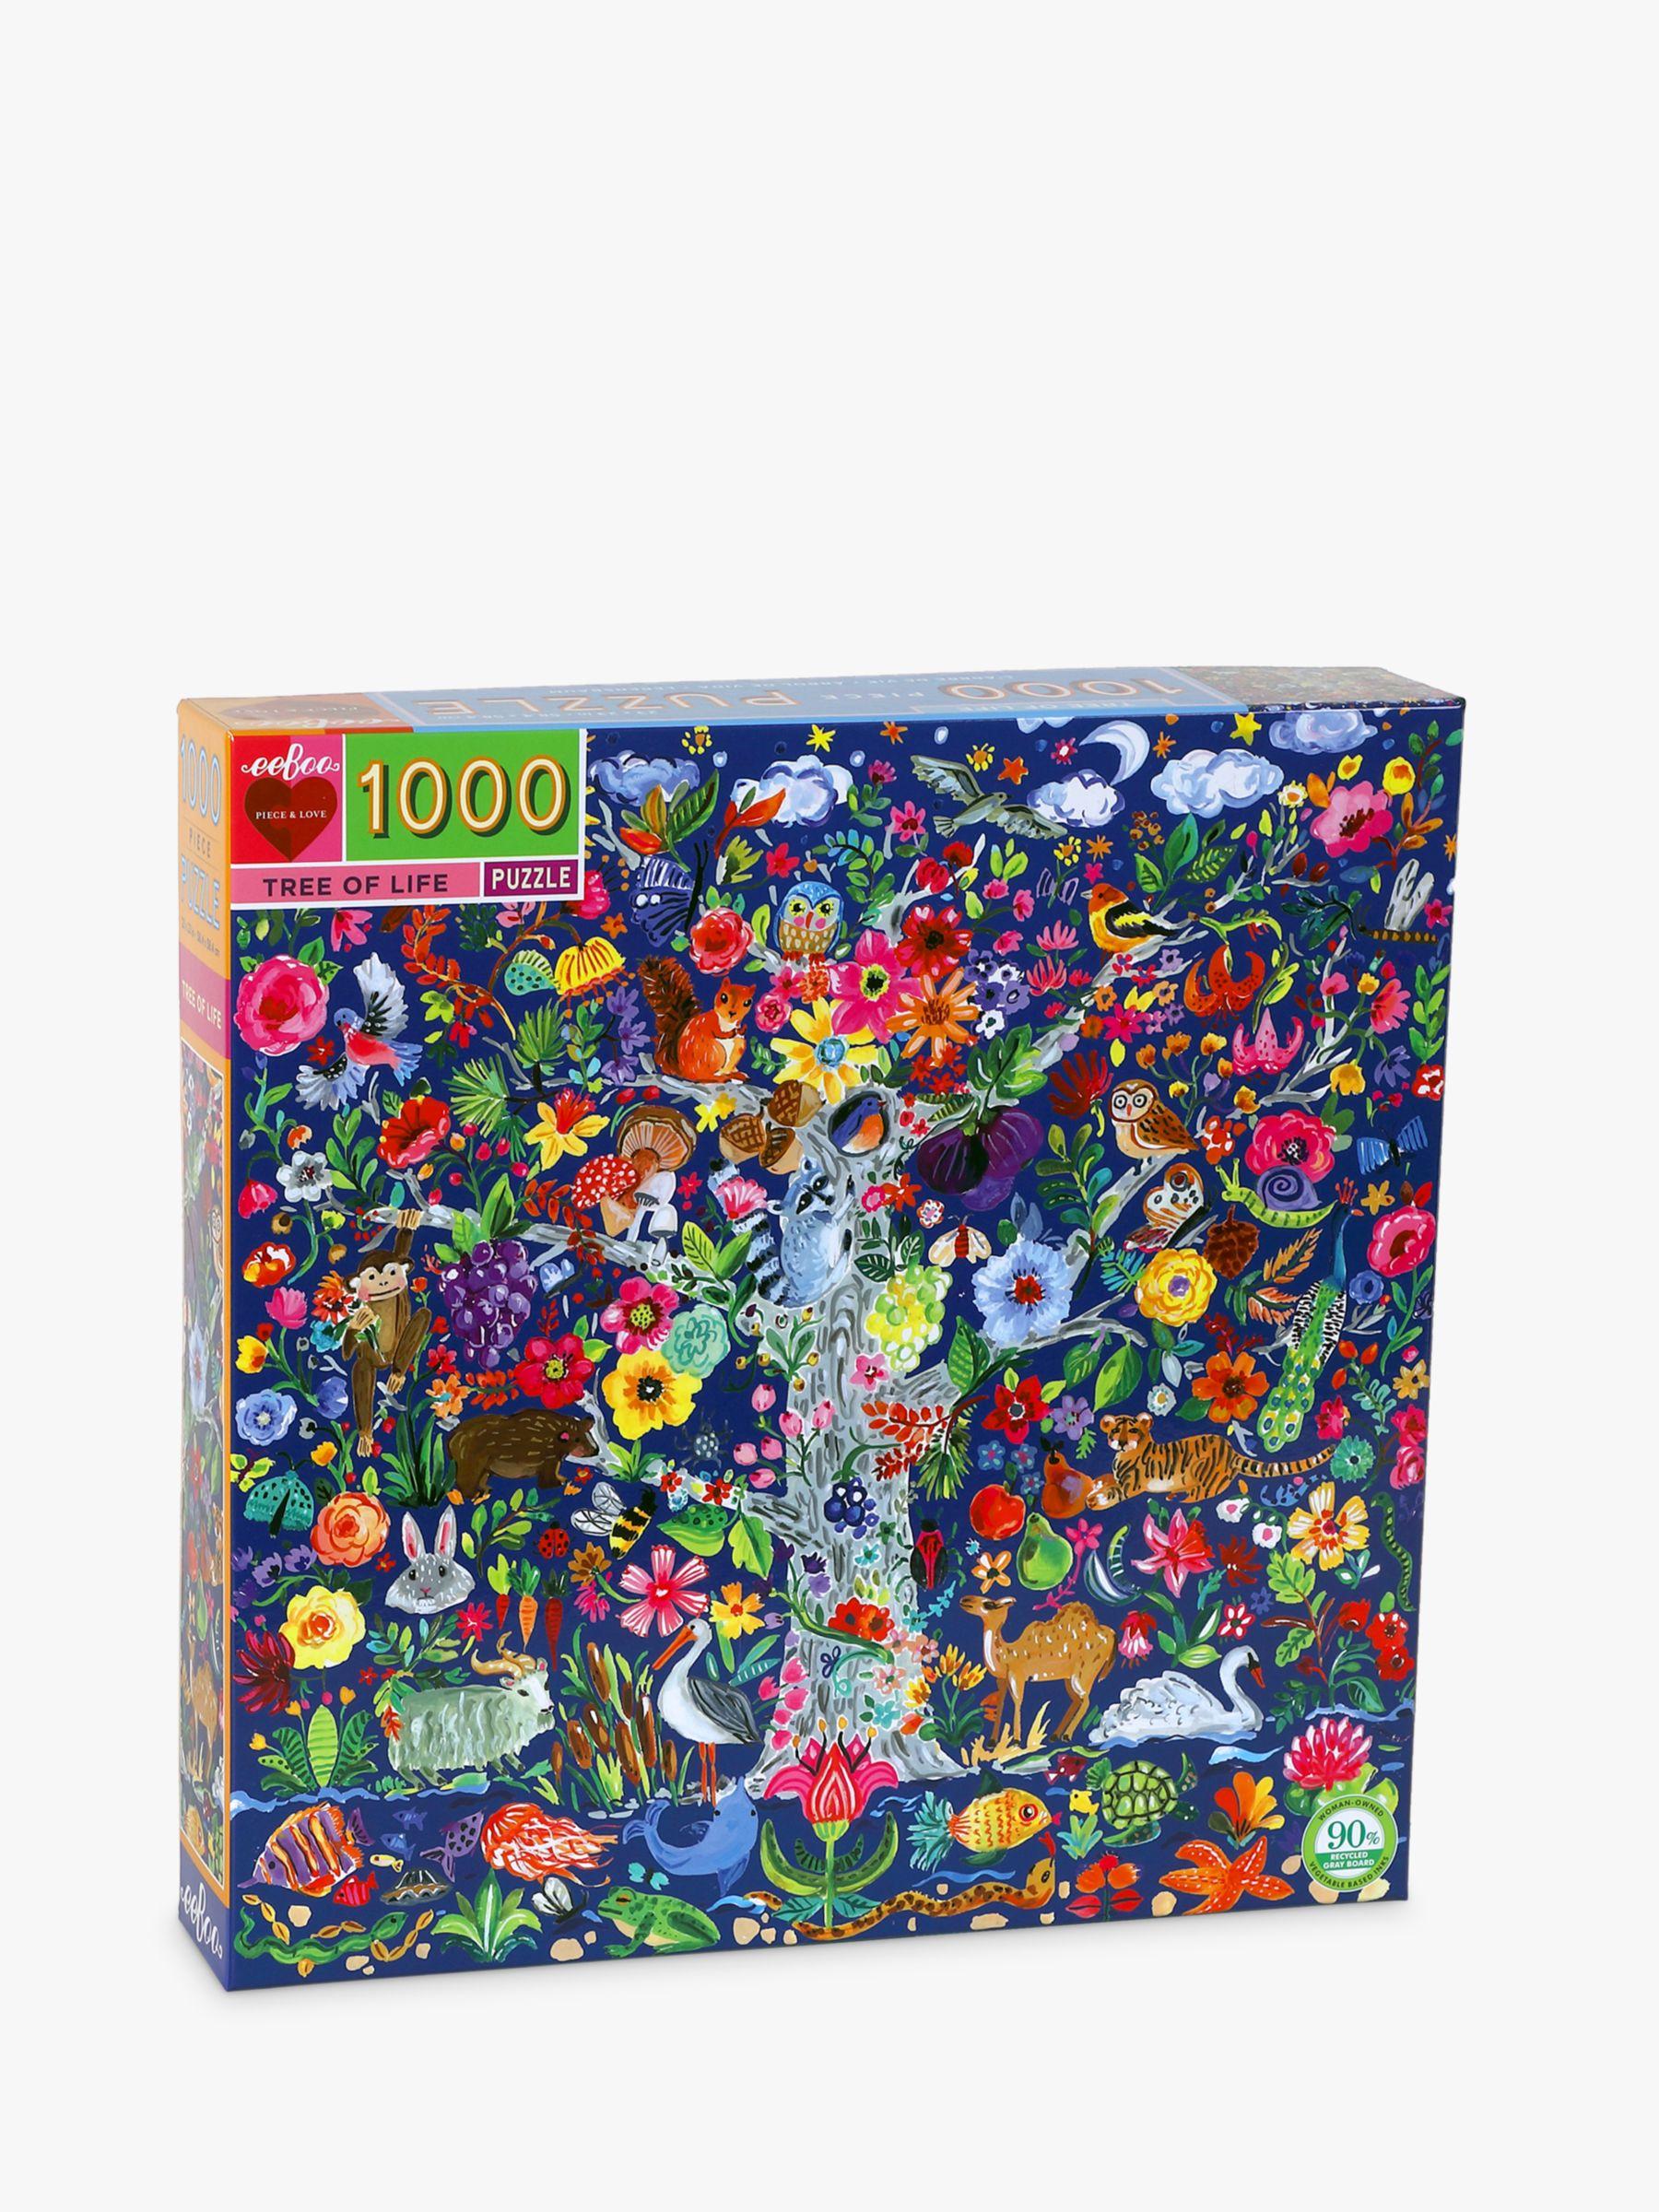 Eeboo eeBoo Tree of Life Jigsaw Puzzle, 1000 Pieces